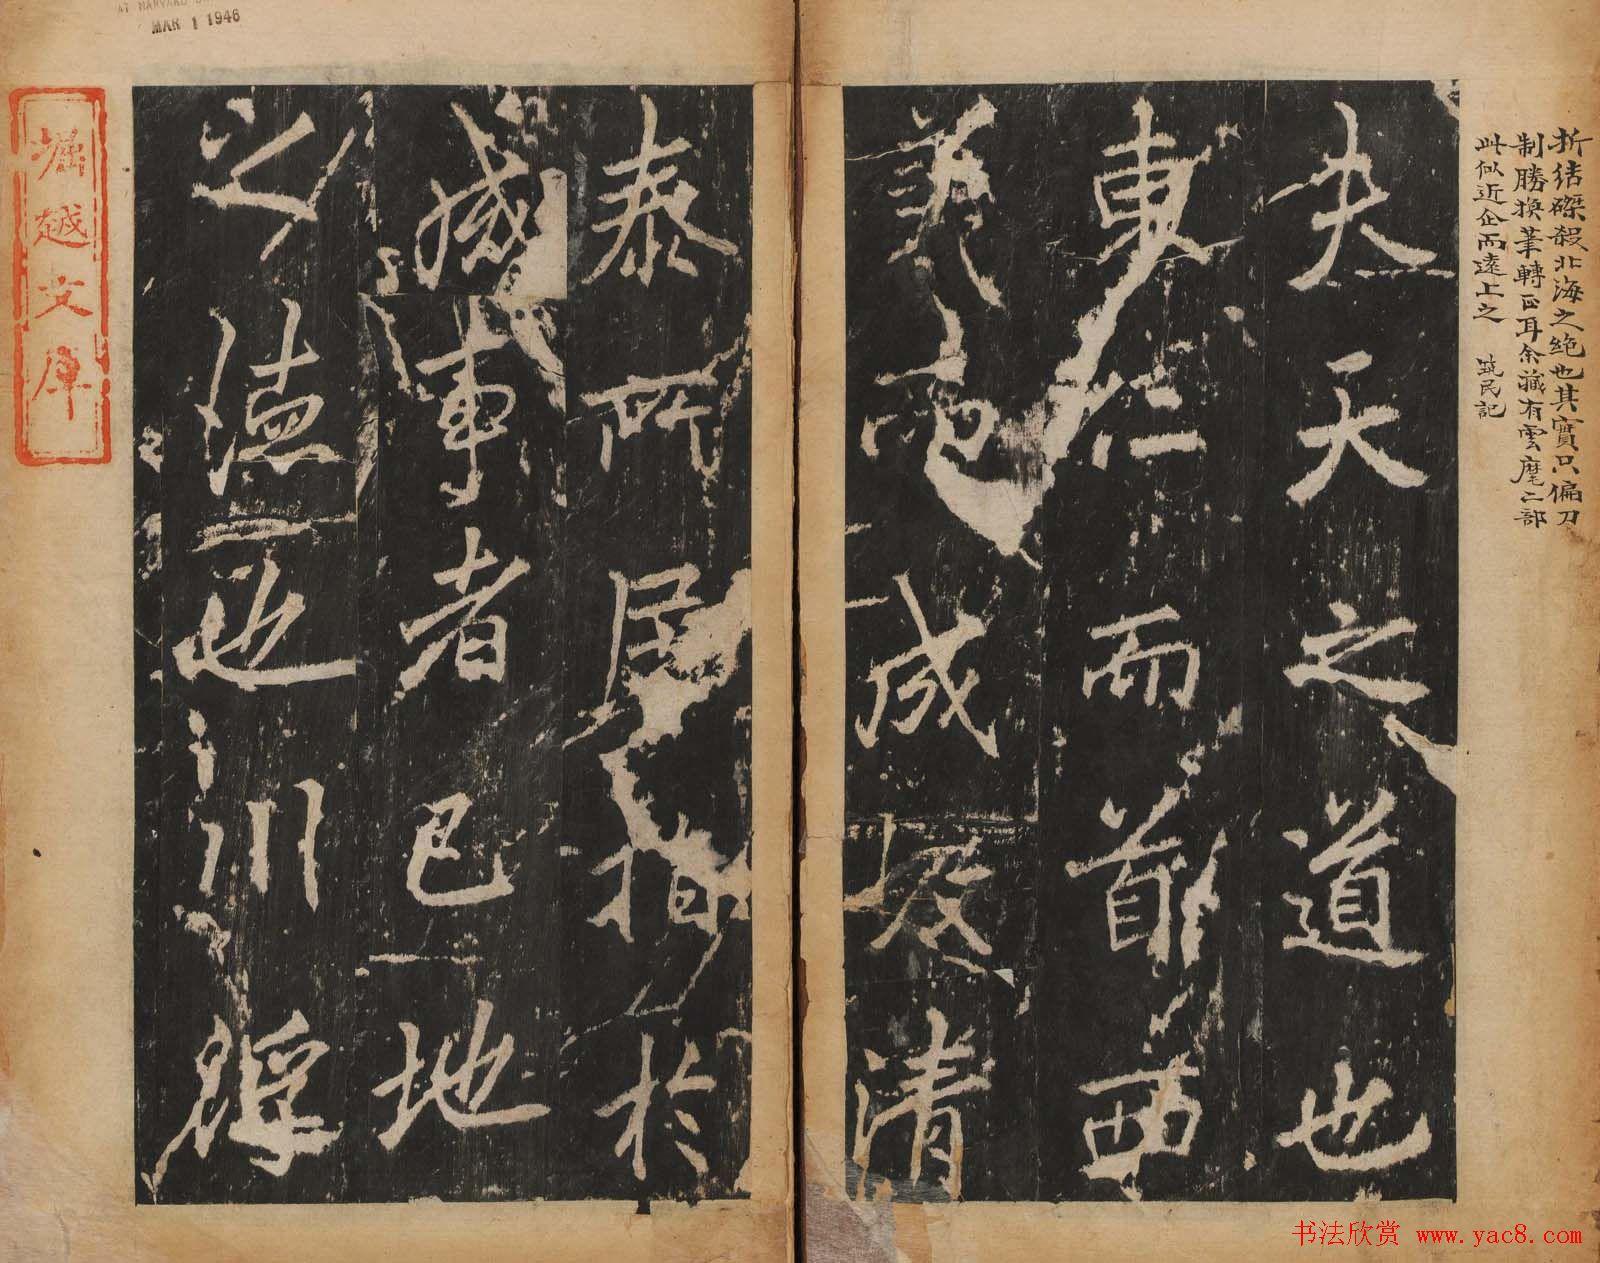 李北海行楷书法代表作《岳麓寺碑》